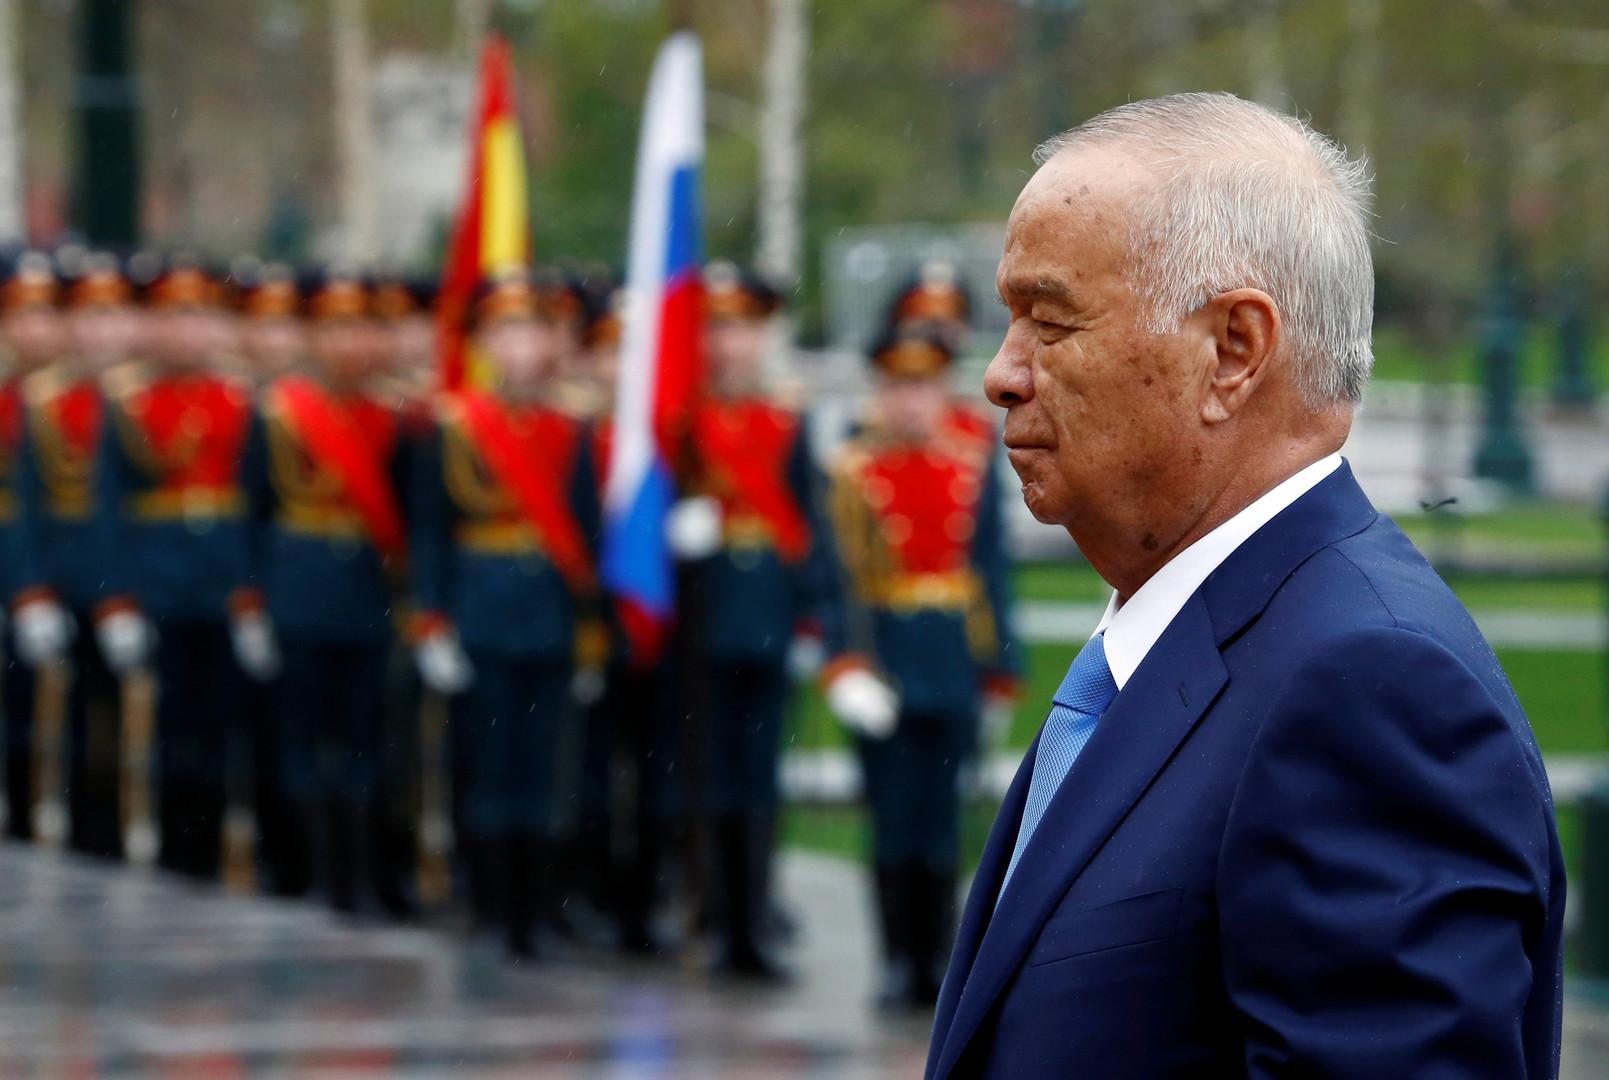 «Тяжёлая утрата для Узбекистана»: соболезнования лидеров в связи с кончиной Каримова